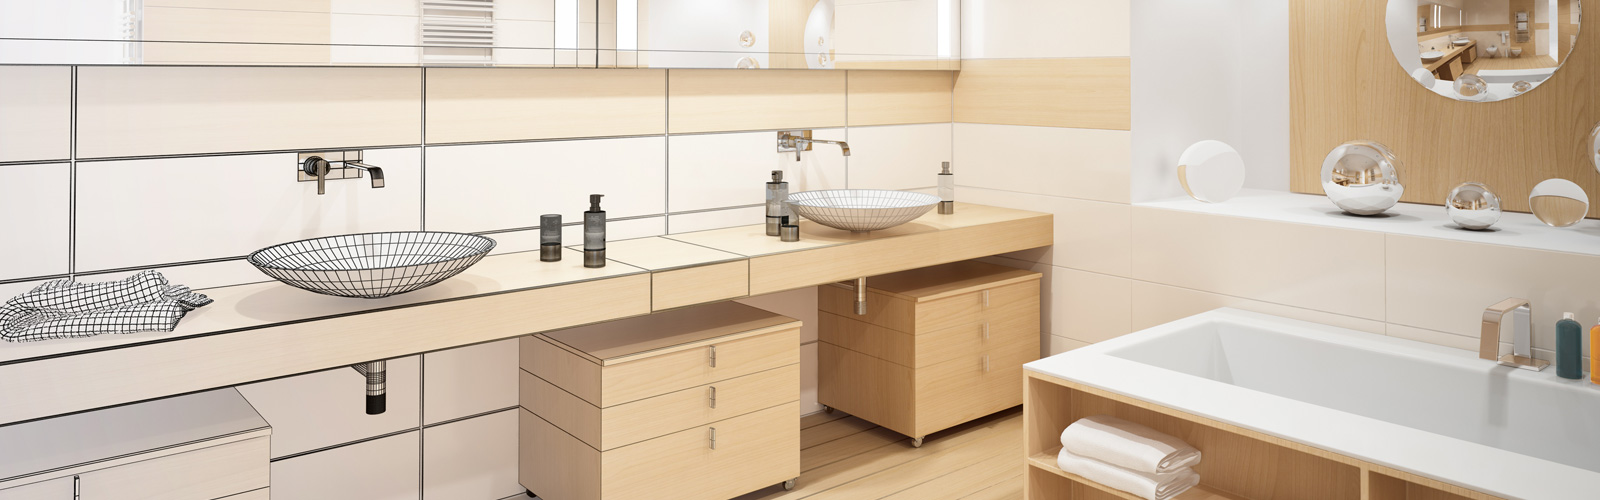 Planung Projektierung Von Heizung Und Sanitar Heizung Sanitar